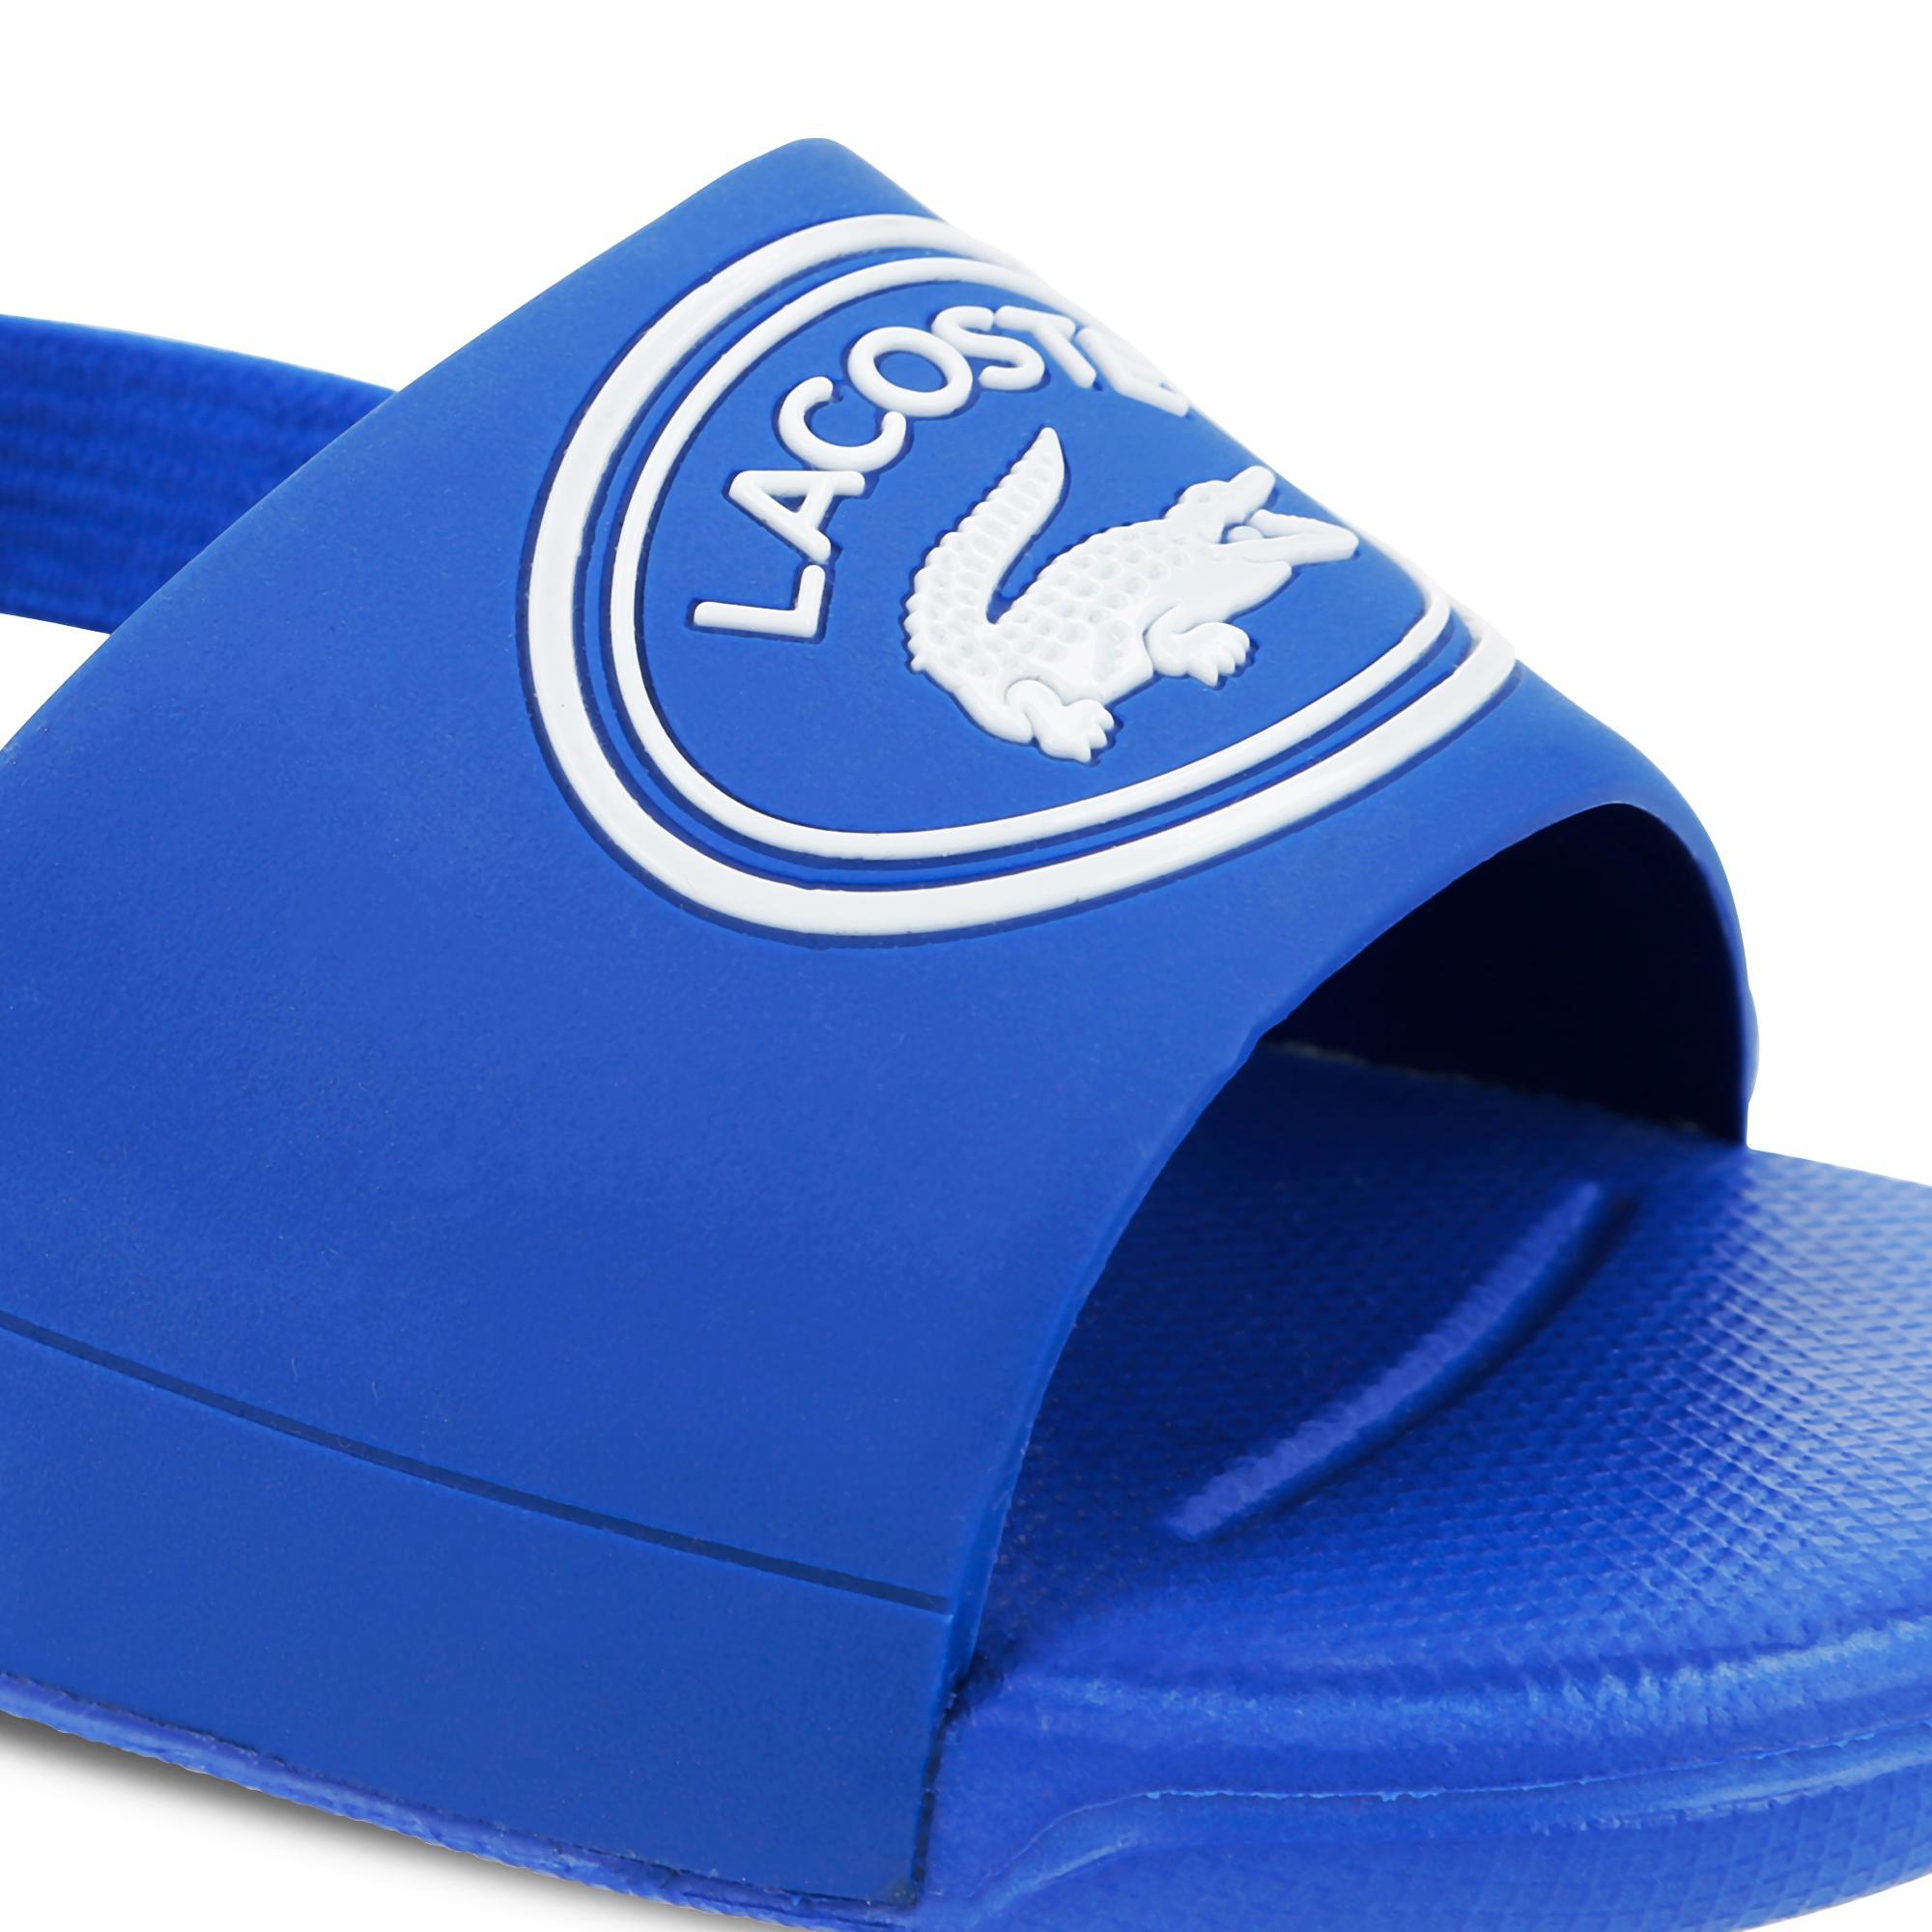 Lacoste Çocuk Mavi - Beyaz L.30 Slide 119 1 Casual Sandalet